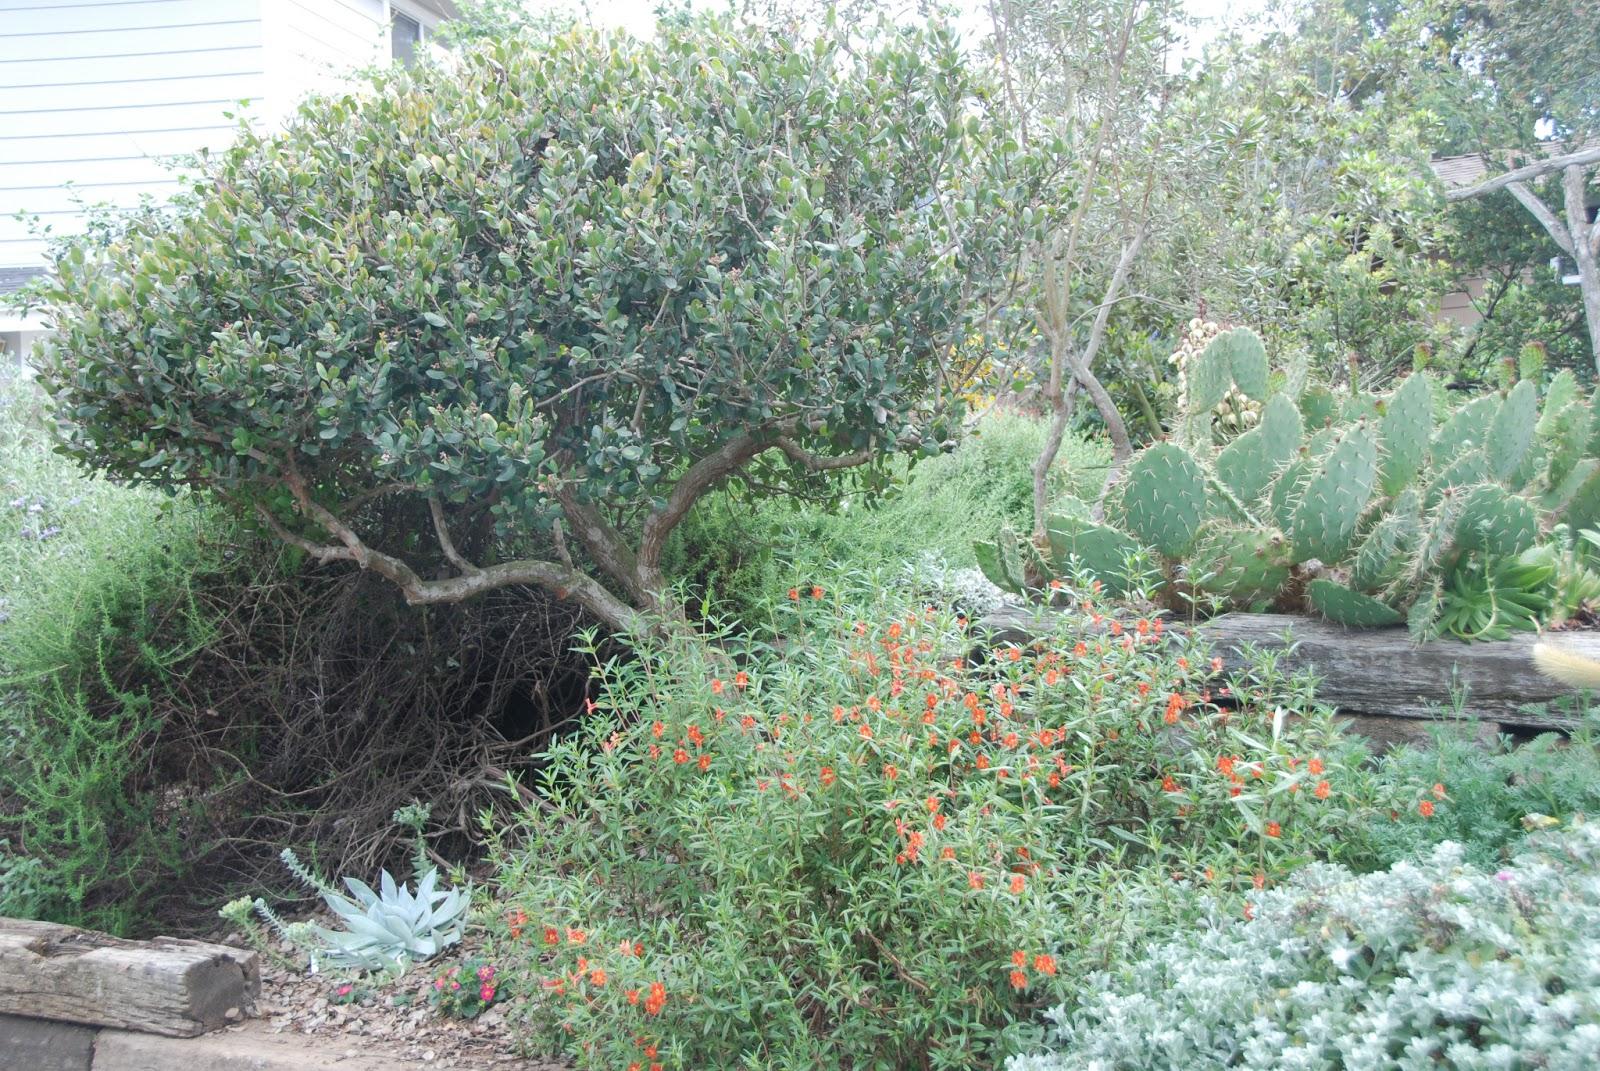 A California Native Plant Garden In San Diego County More Chaparral Shrubs For The Garden